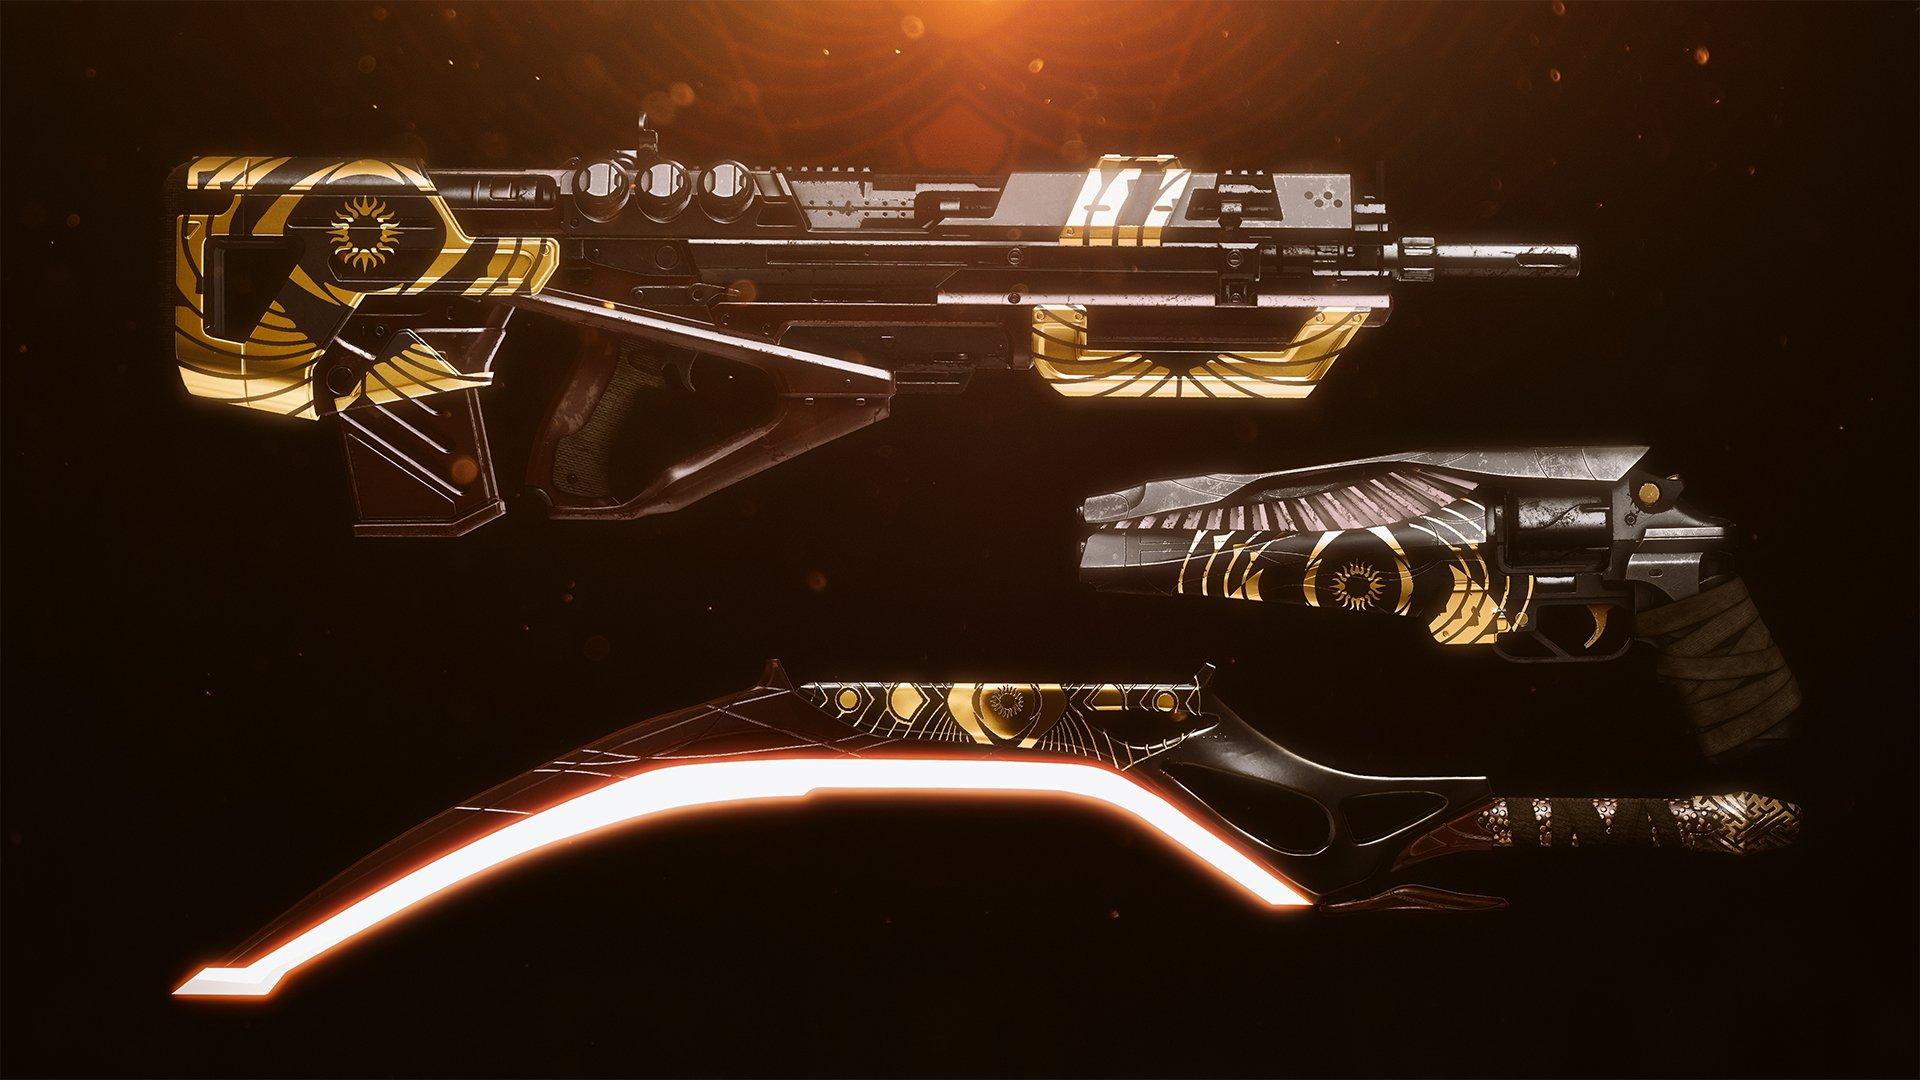 Trials_S13_Weapon_JB_16-9